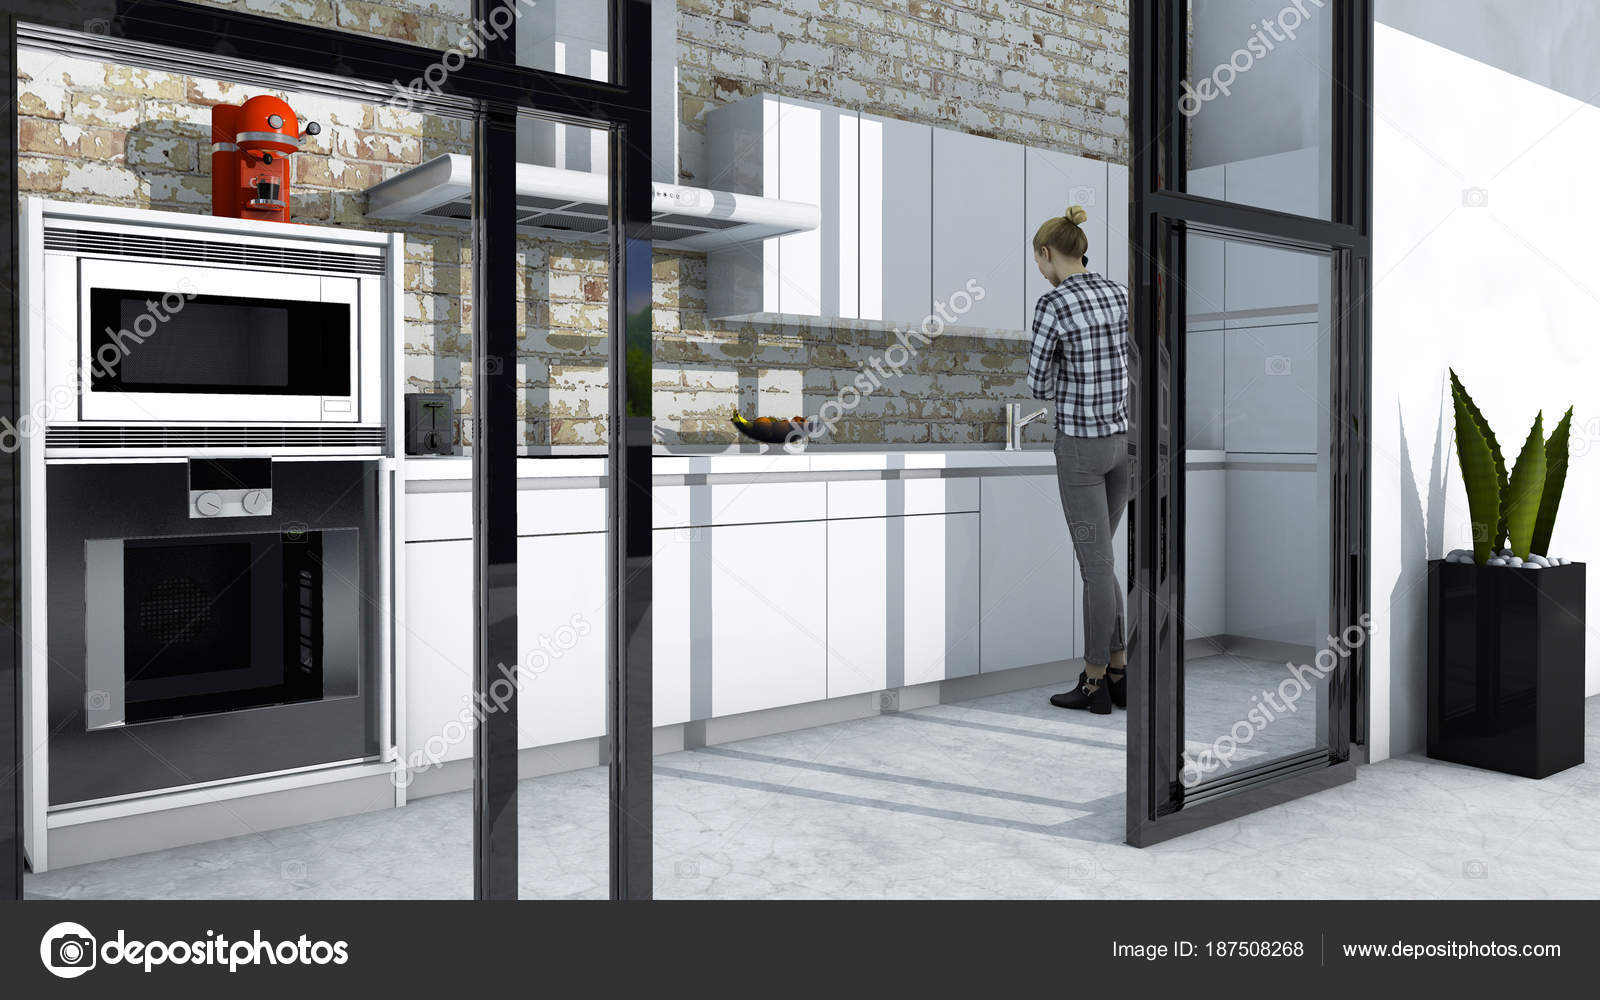 Muebles Cocina Diseño Interiores Muebles Cocina Muebles ...